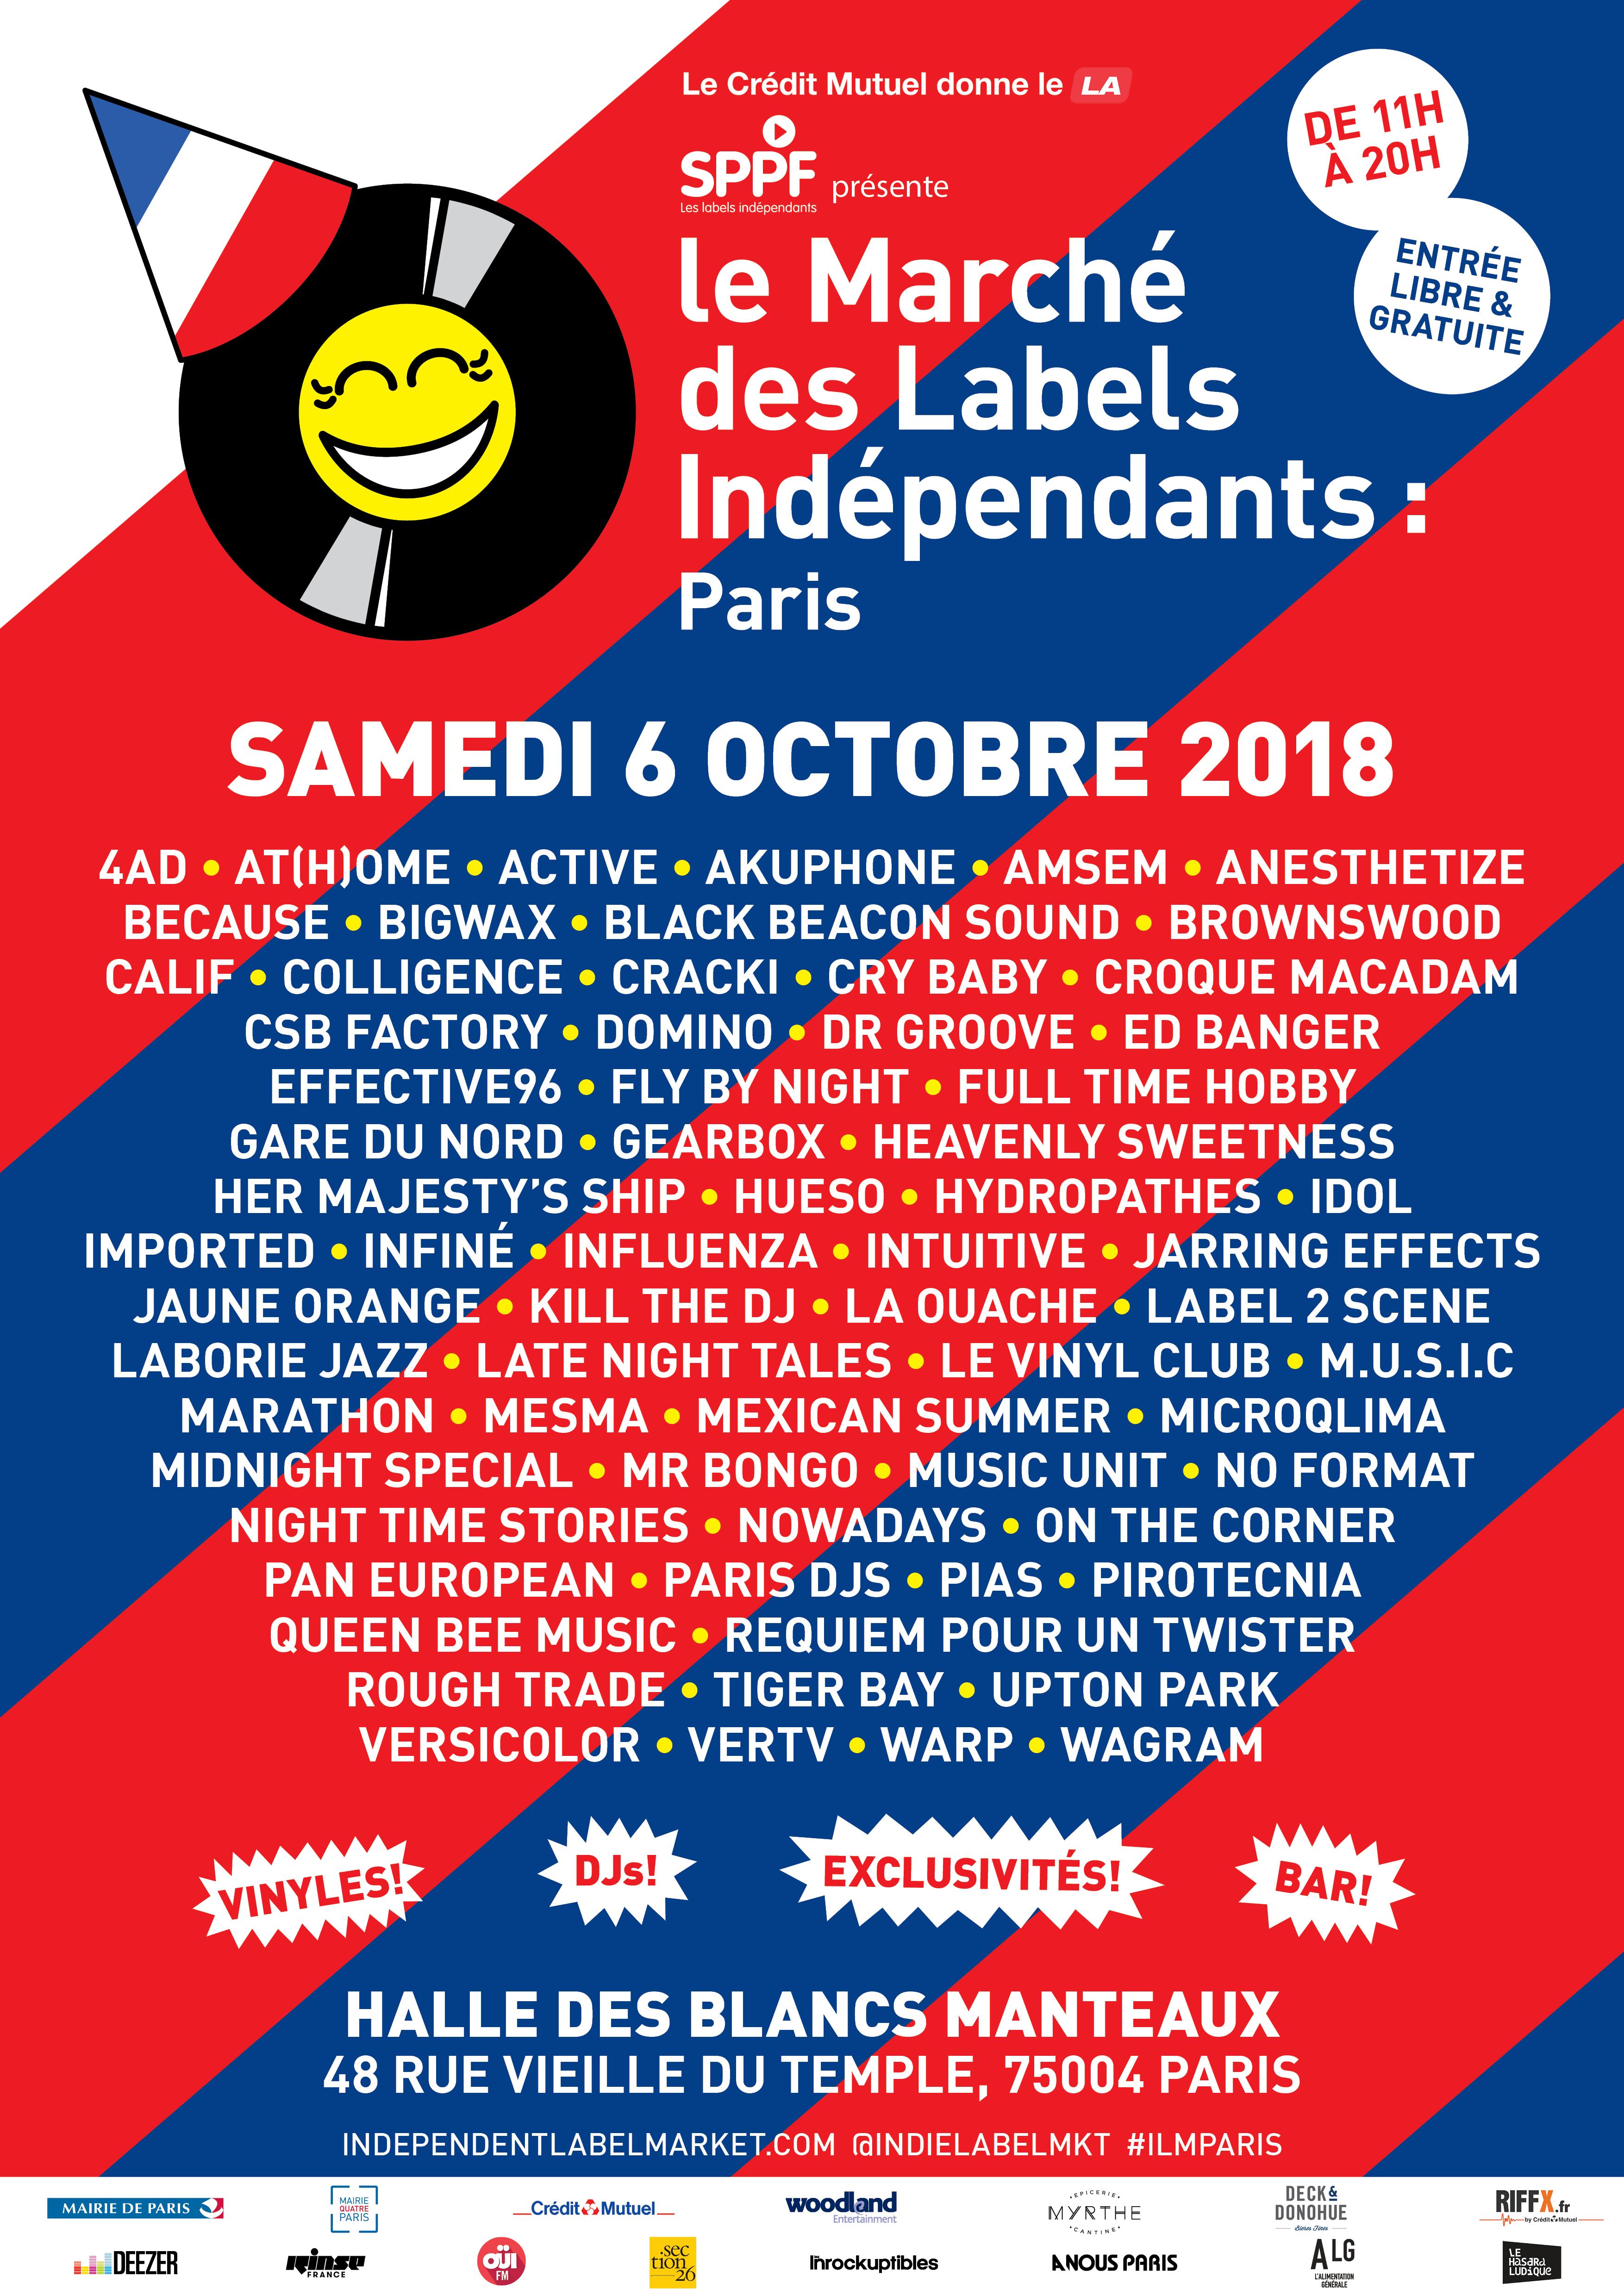 Marché des labels indépendants 2018